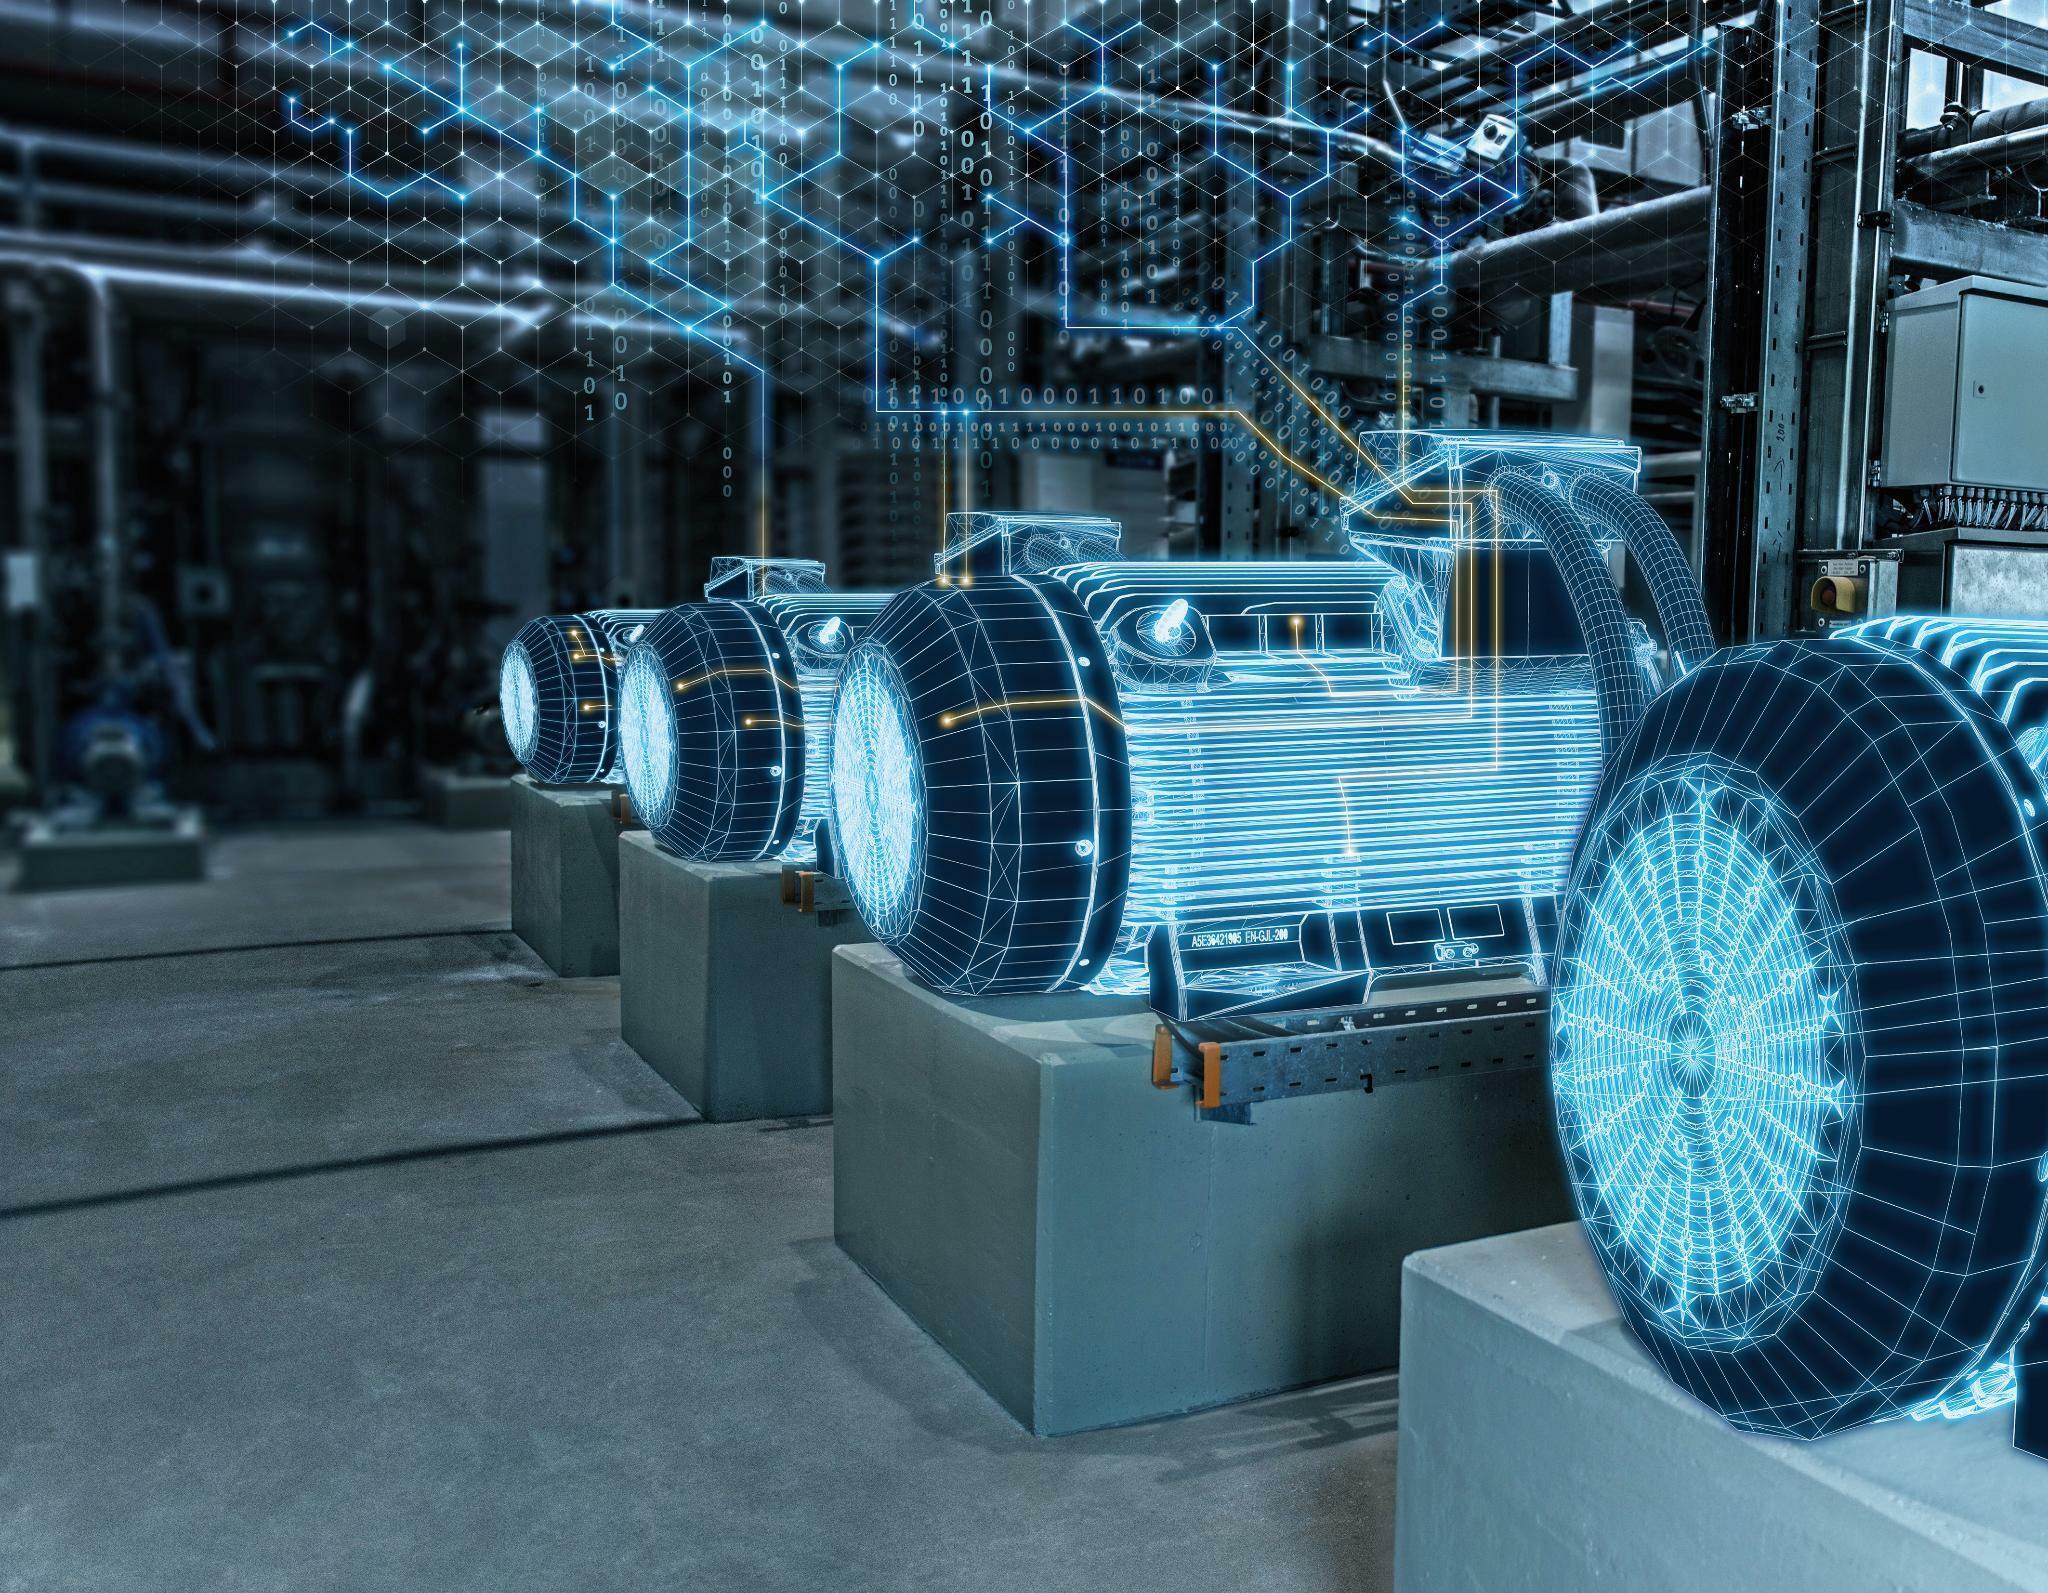 Industrie 4.0: Kampf um die Steuerung der digitalen Fabrik